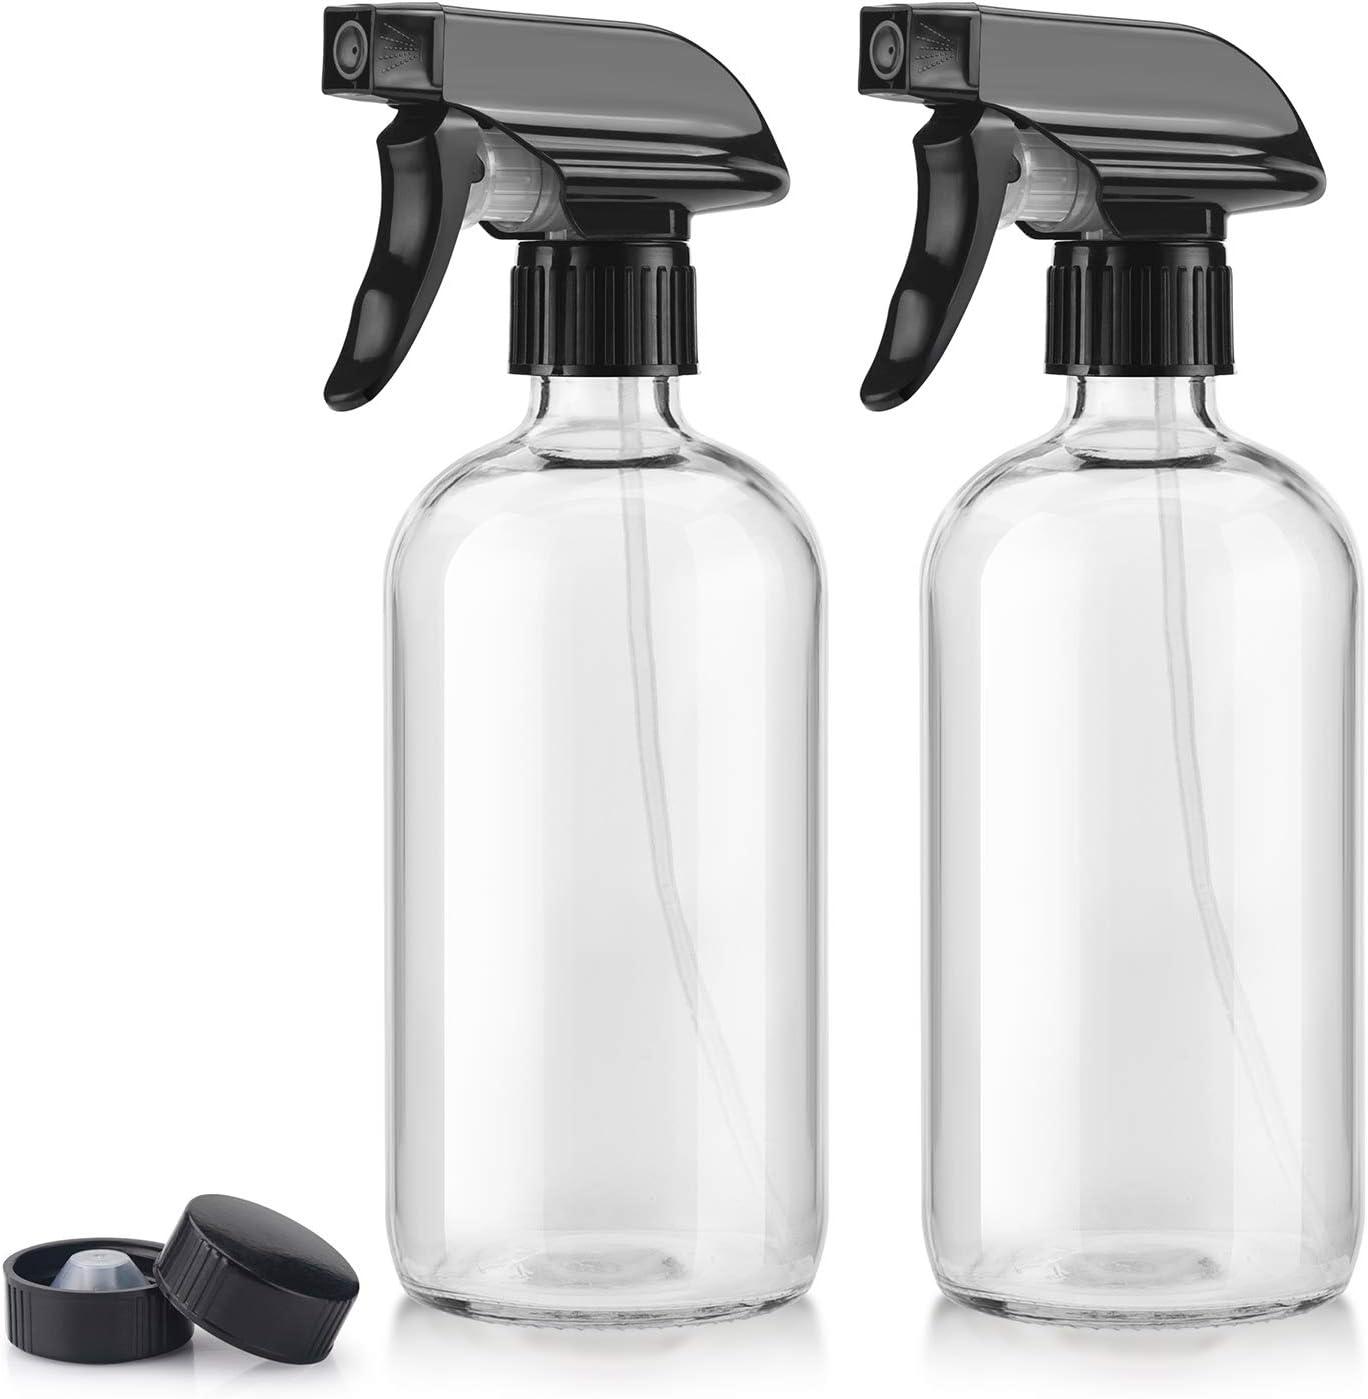 Titanker 2-Pack Spray Bottle, Glass Spray Bottles, Empty Mist Spray Bottle Trigger Sprayer, Refillable 16oz Container (Clear)